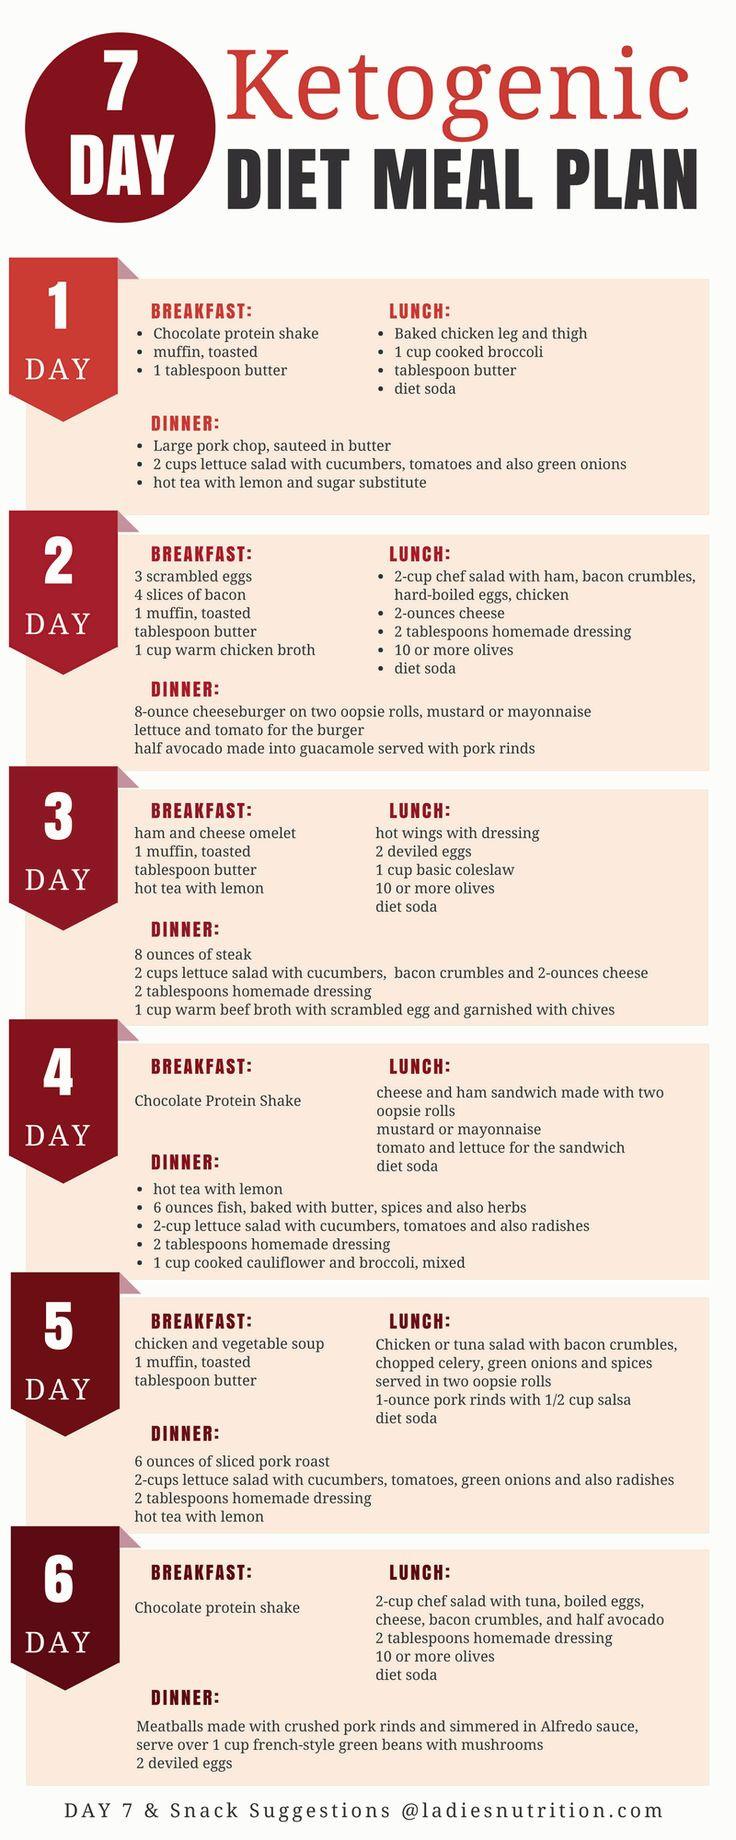 Is The Keto Diet Good For Diabetics Best 25 Ketogenic t ideas on Pinterest